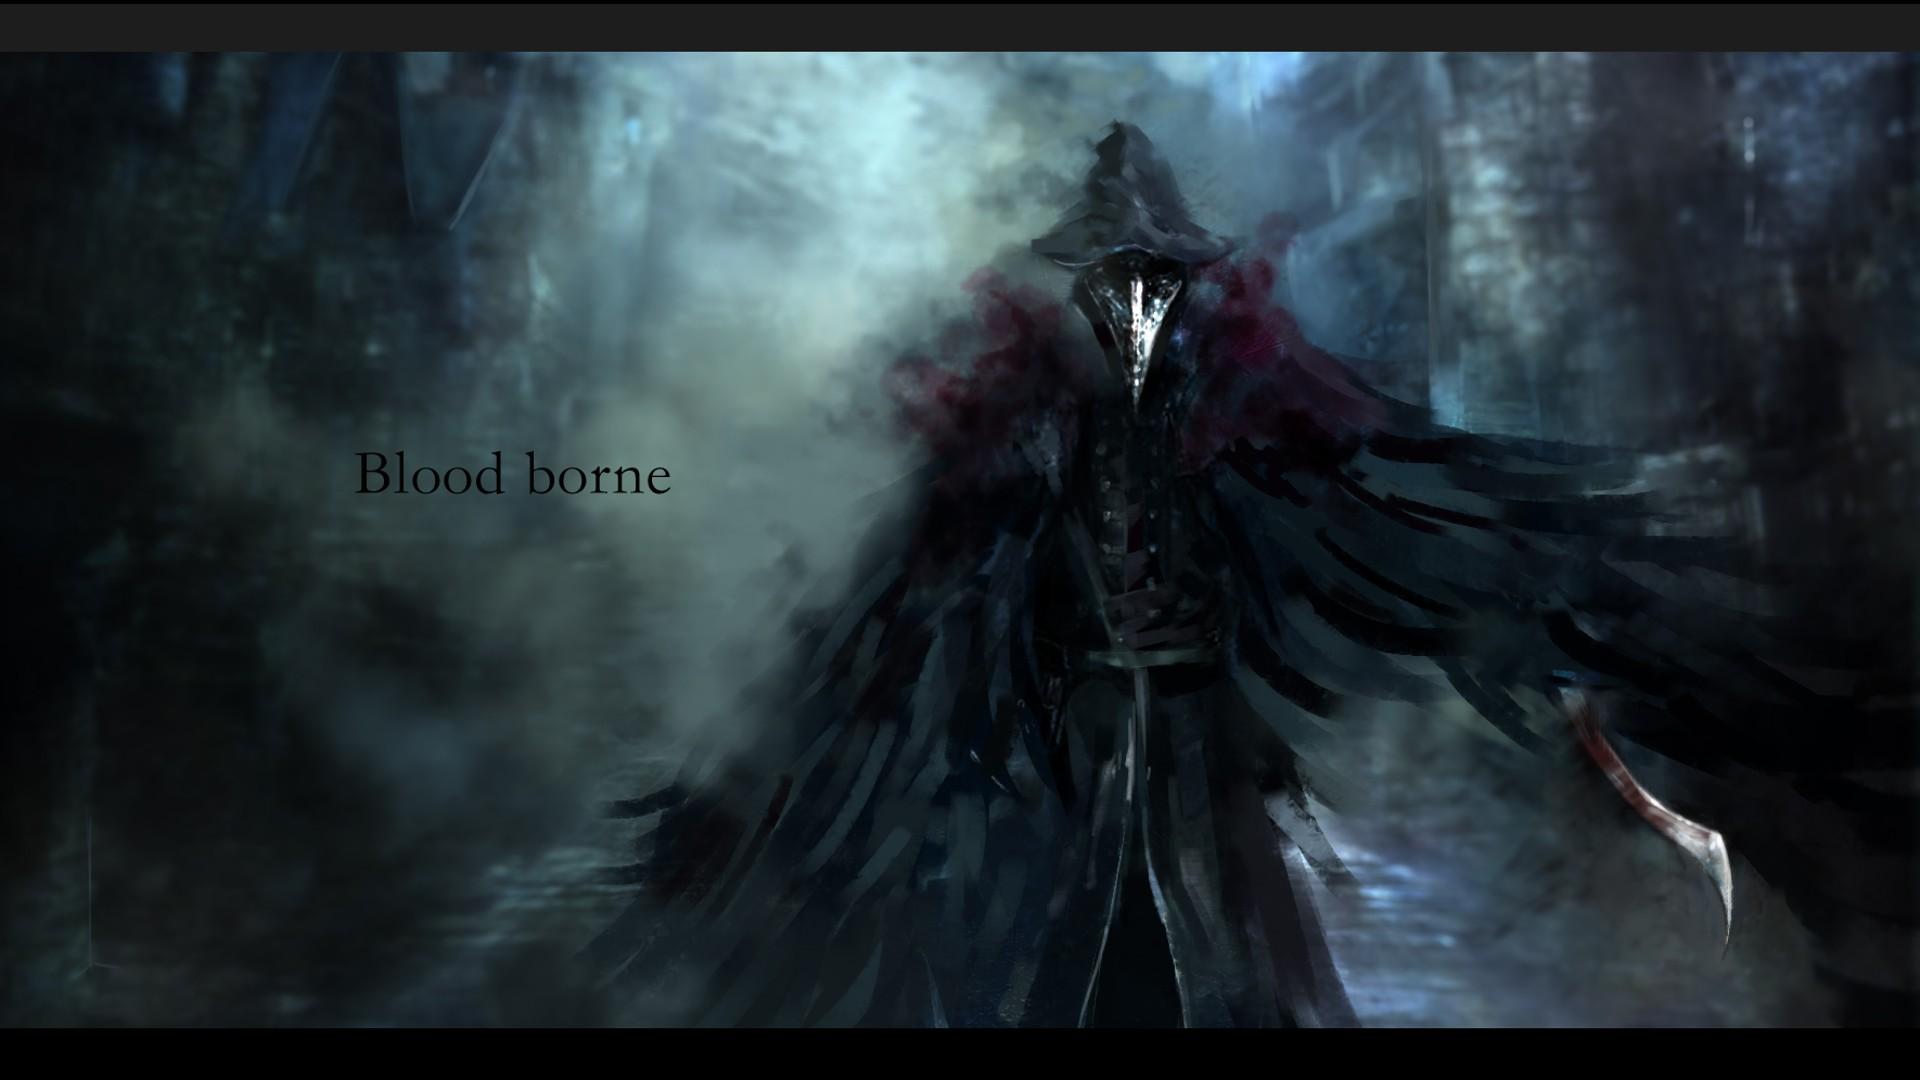 Bloodborne wallpaper 1920x1080 ·① Download free beautiful ...